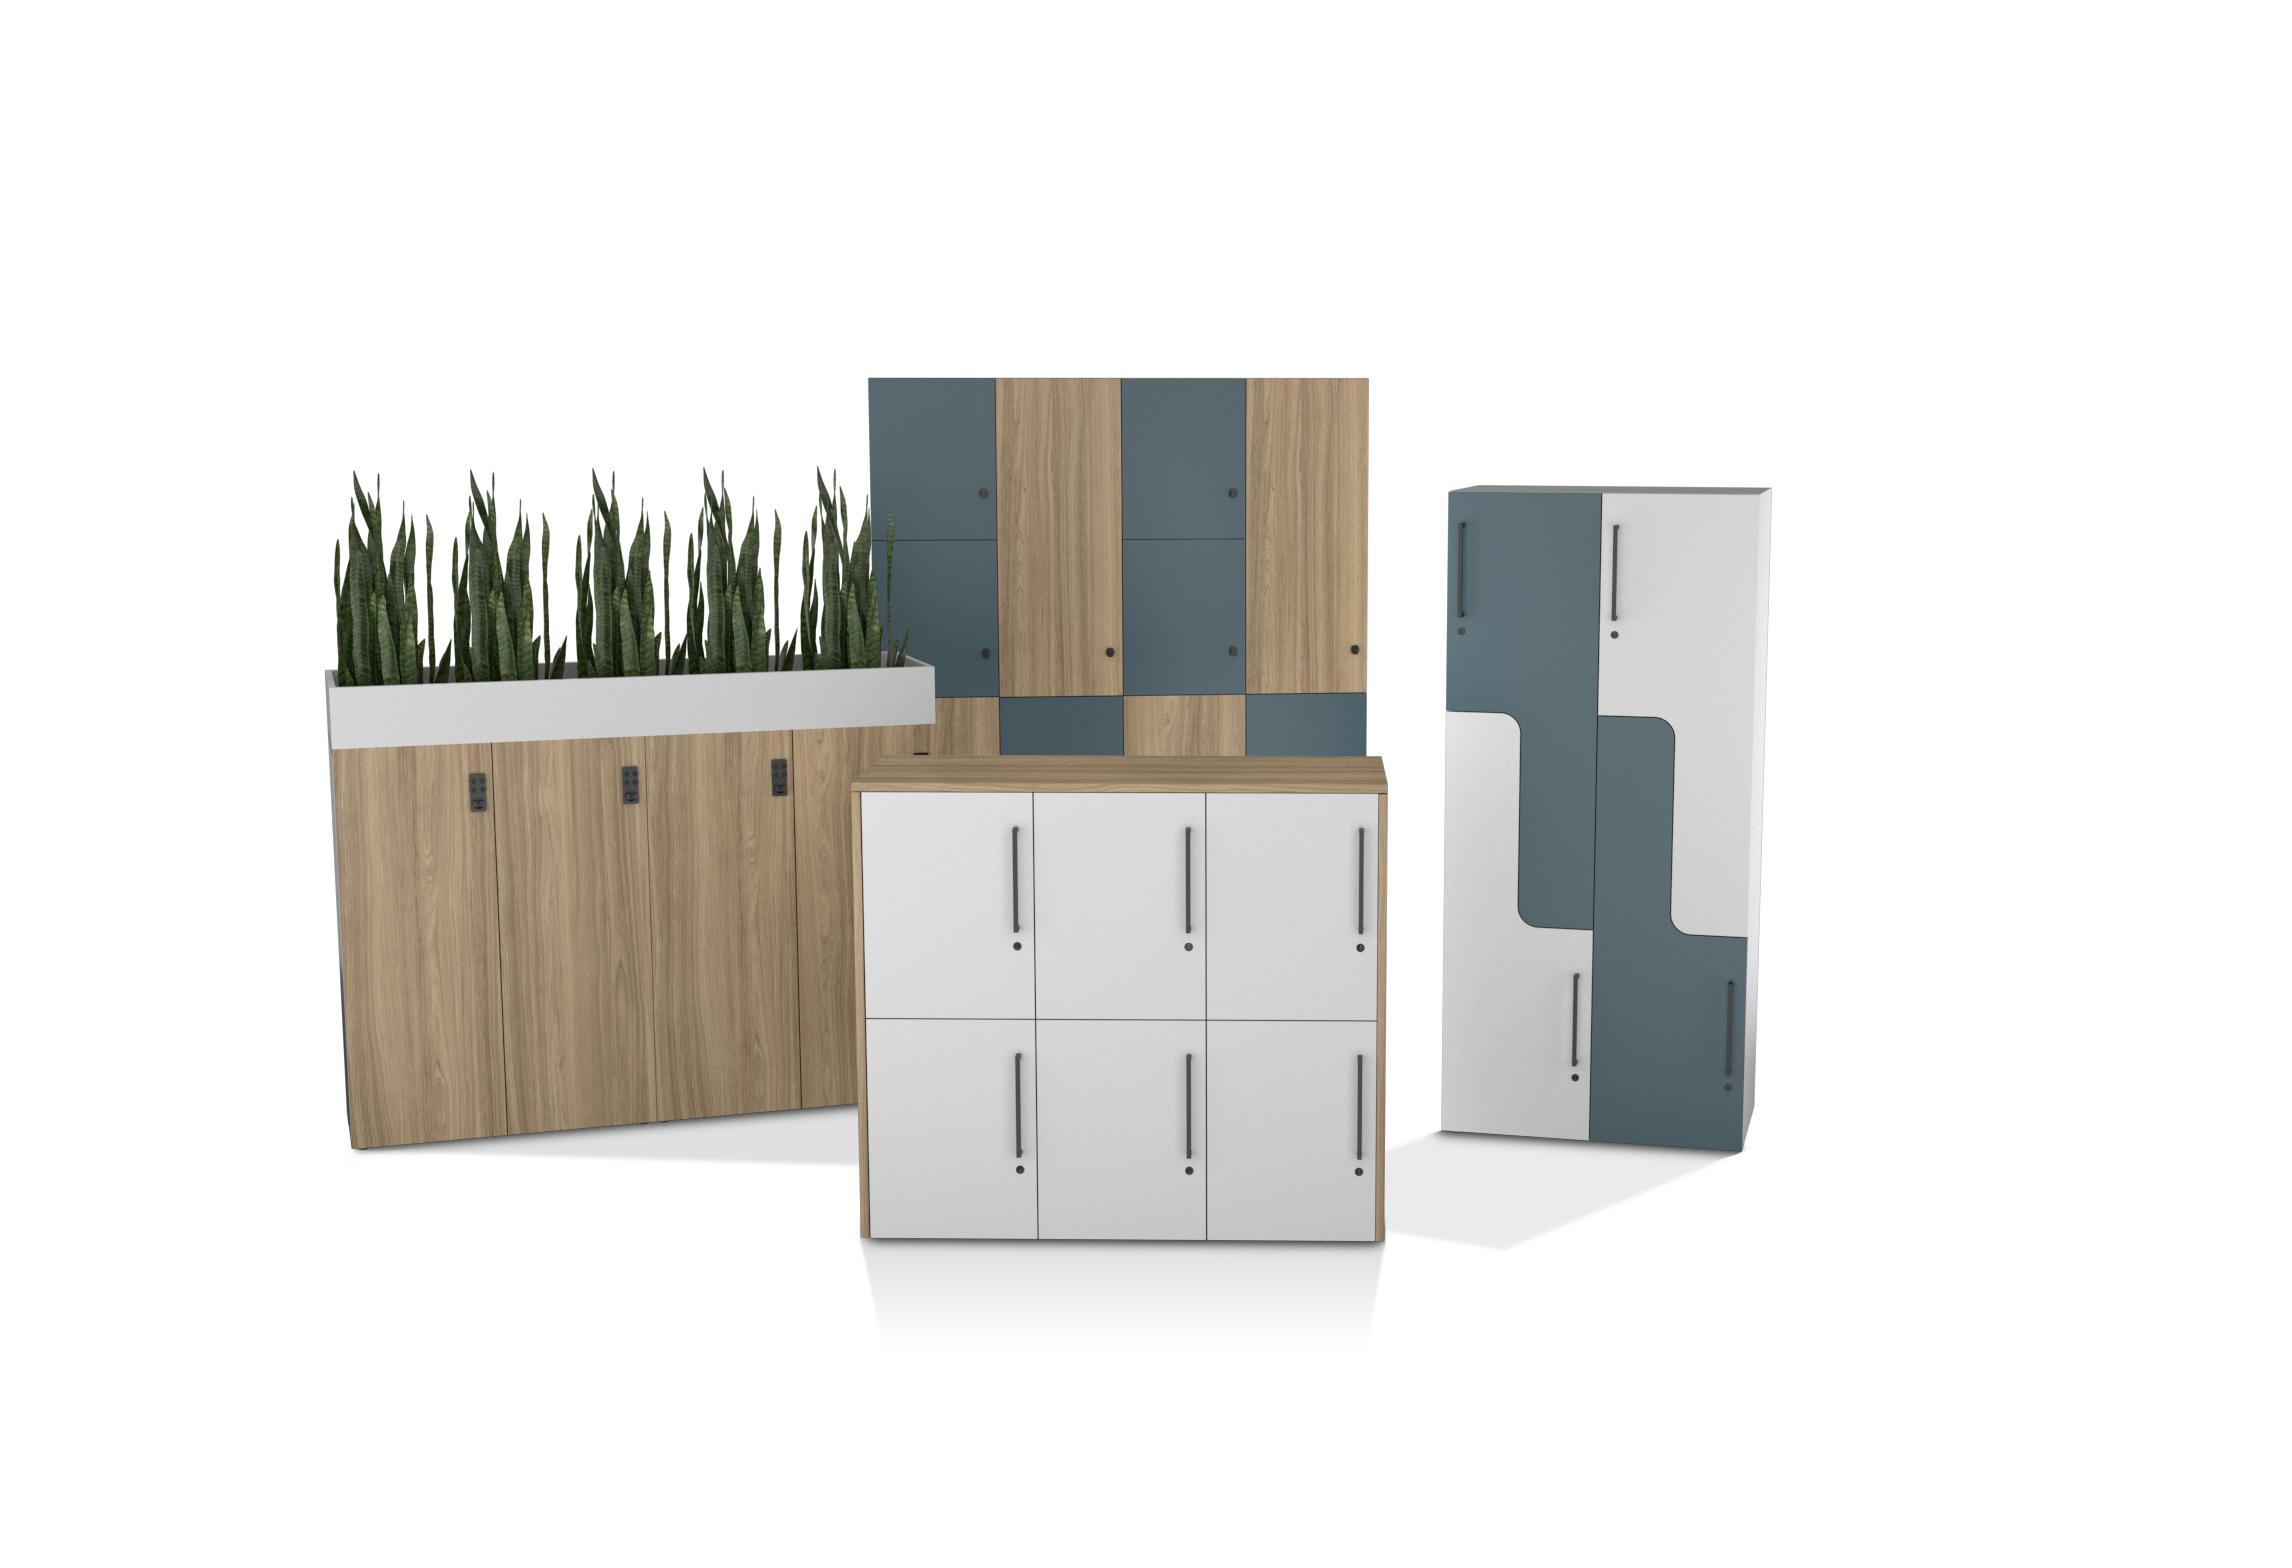 makr Furniture